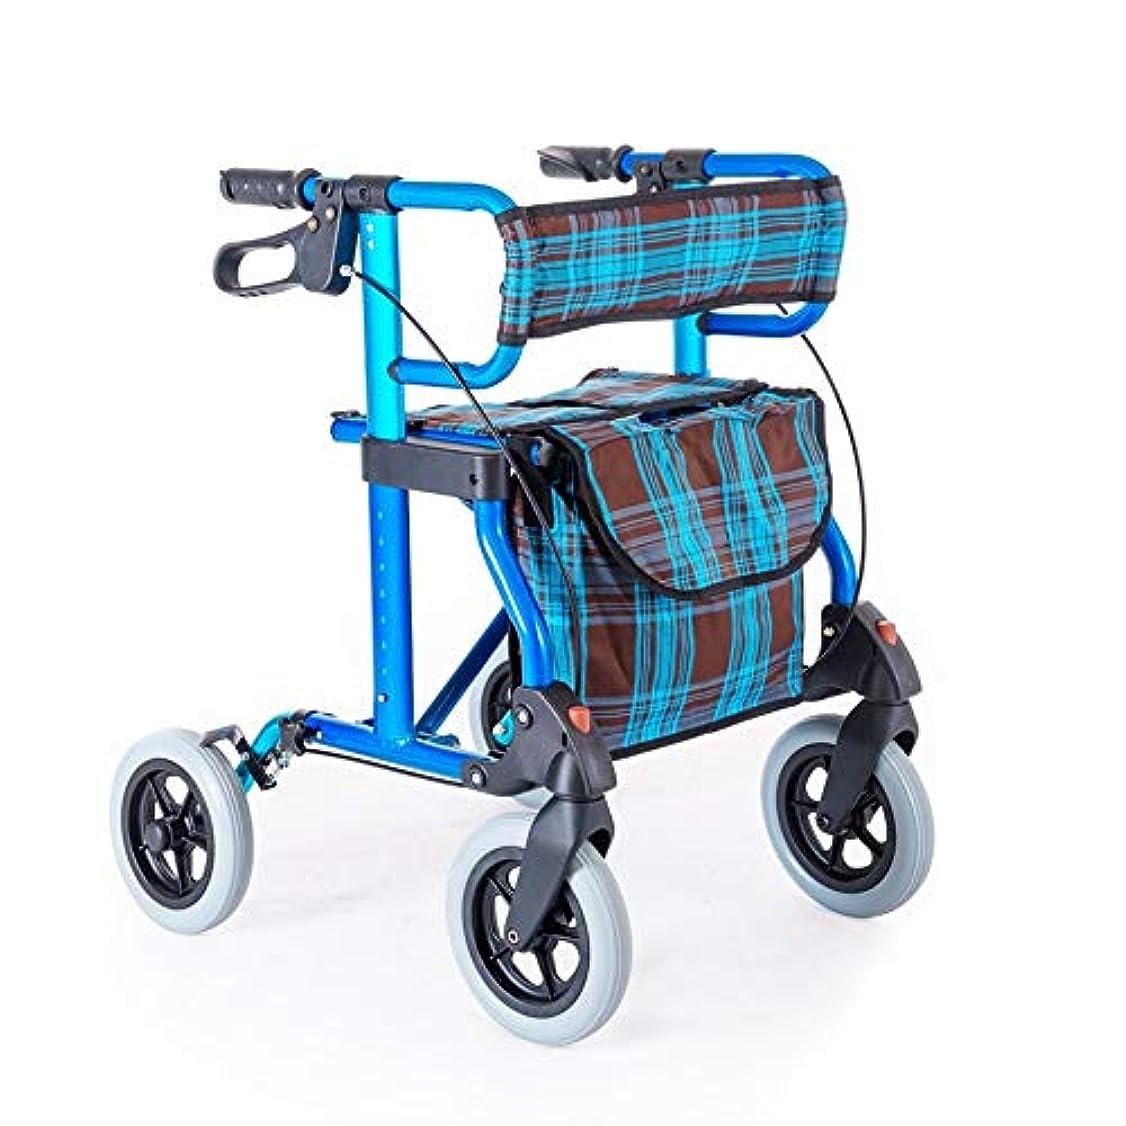 いわゆるレールあごシートダブルセーフティブレーキ調整可能な高さ4ホイールローリング老人ショッピングカート付き軽量折りたたみ歩行器